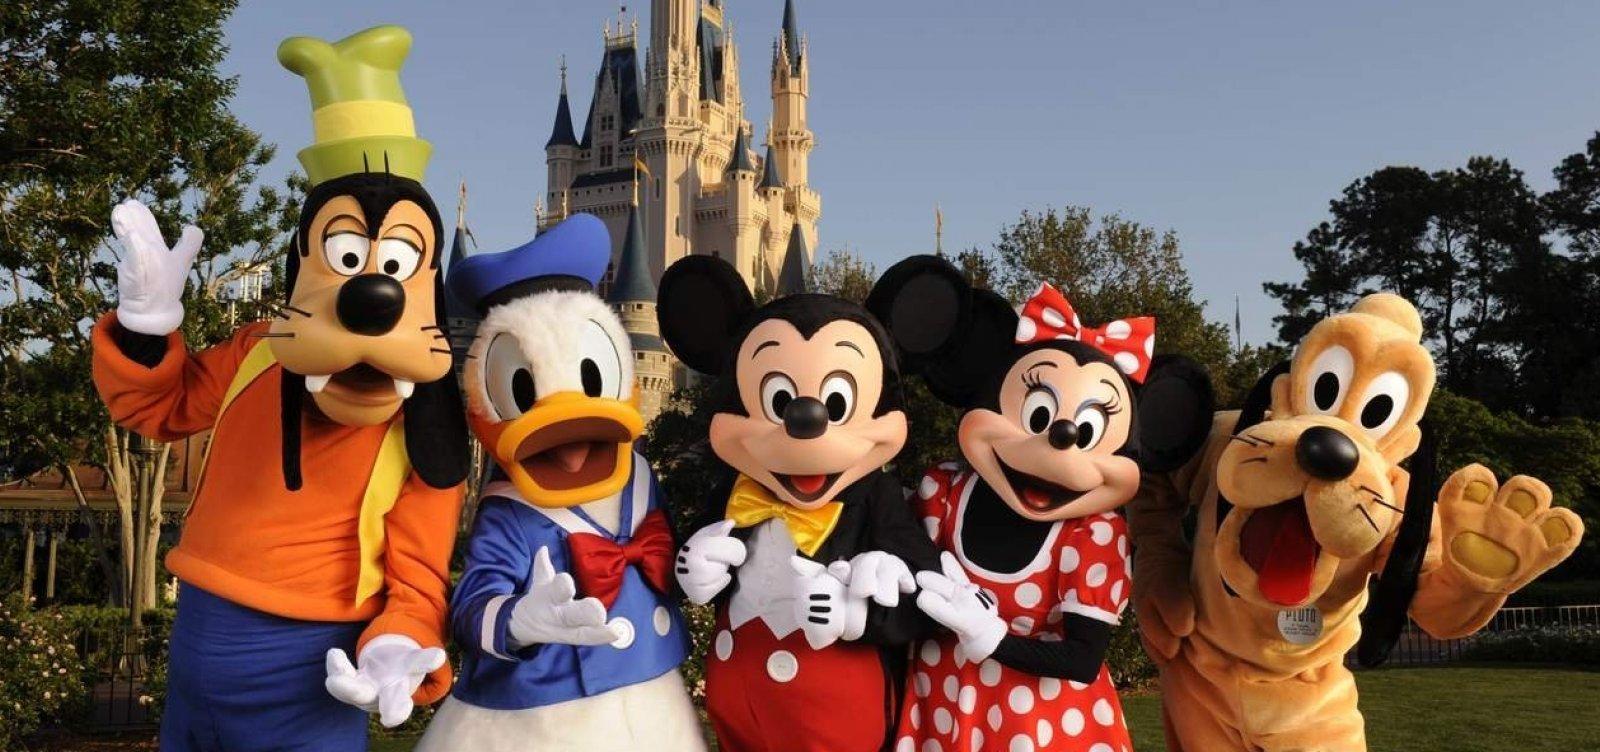 [Disney é processada por desigualdade salarial entre homens e mulheres]